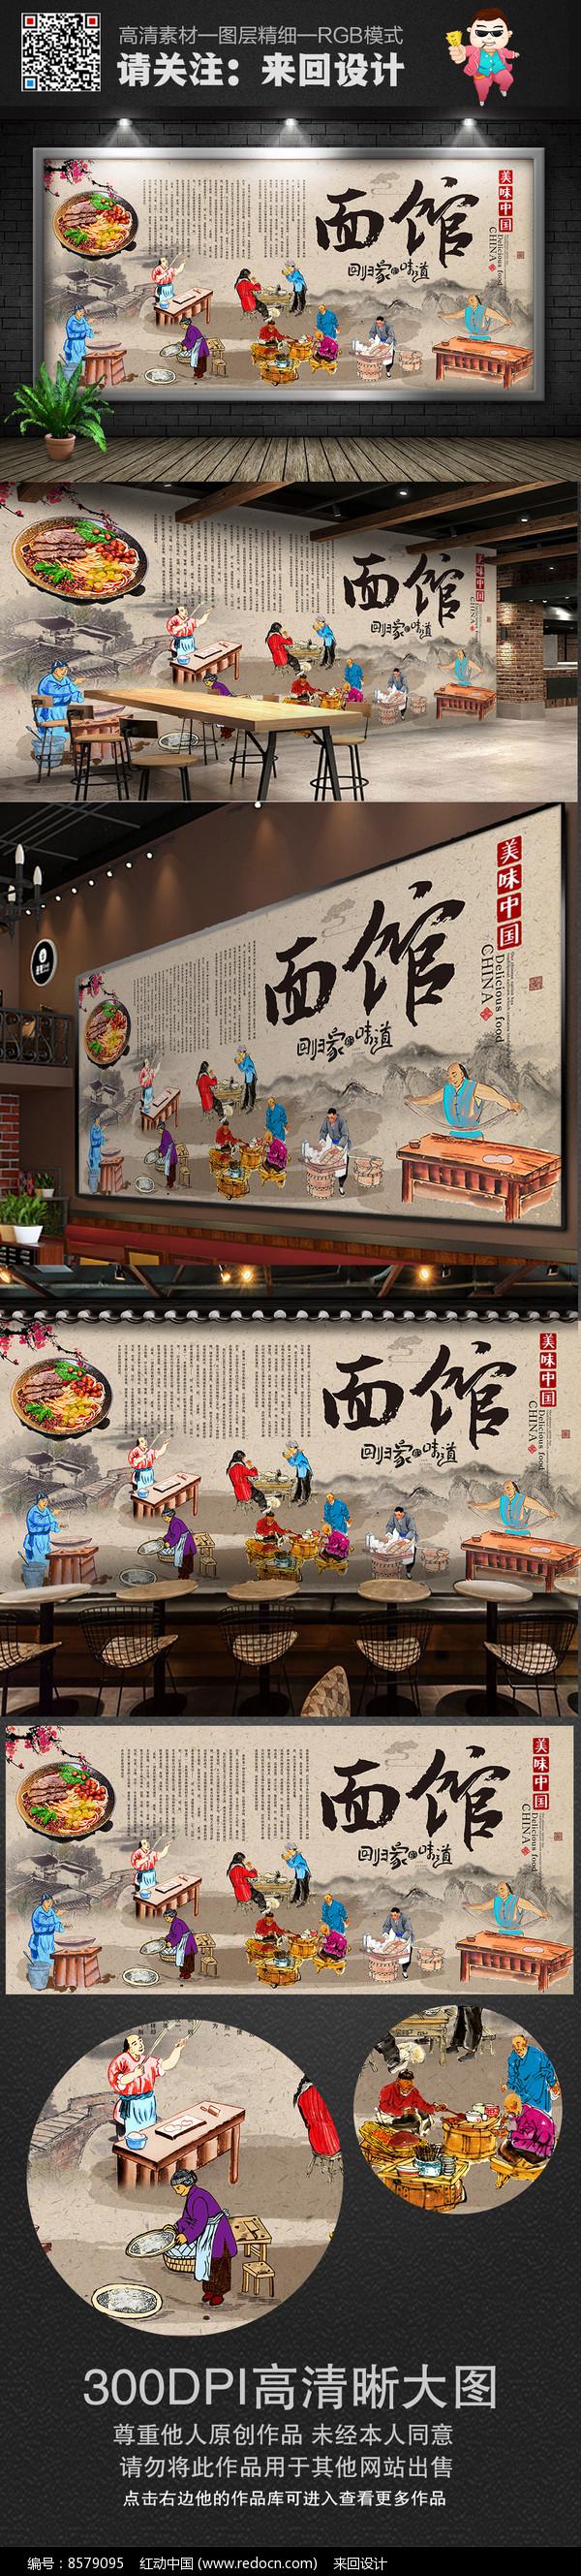 古典传统面馆工装背景墙图片